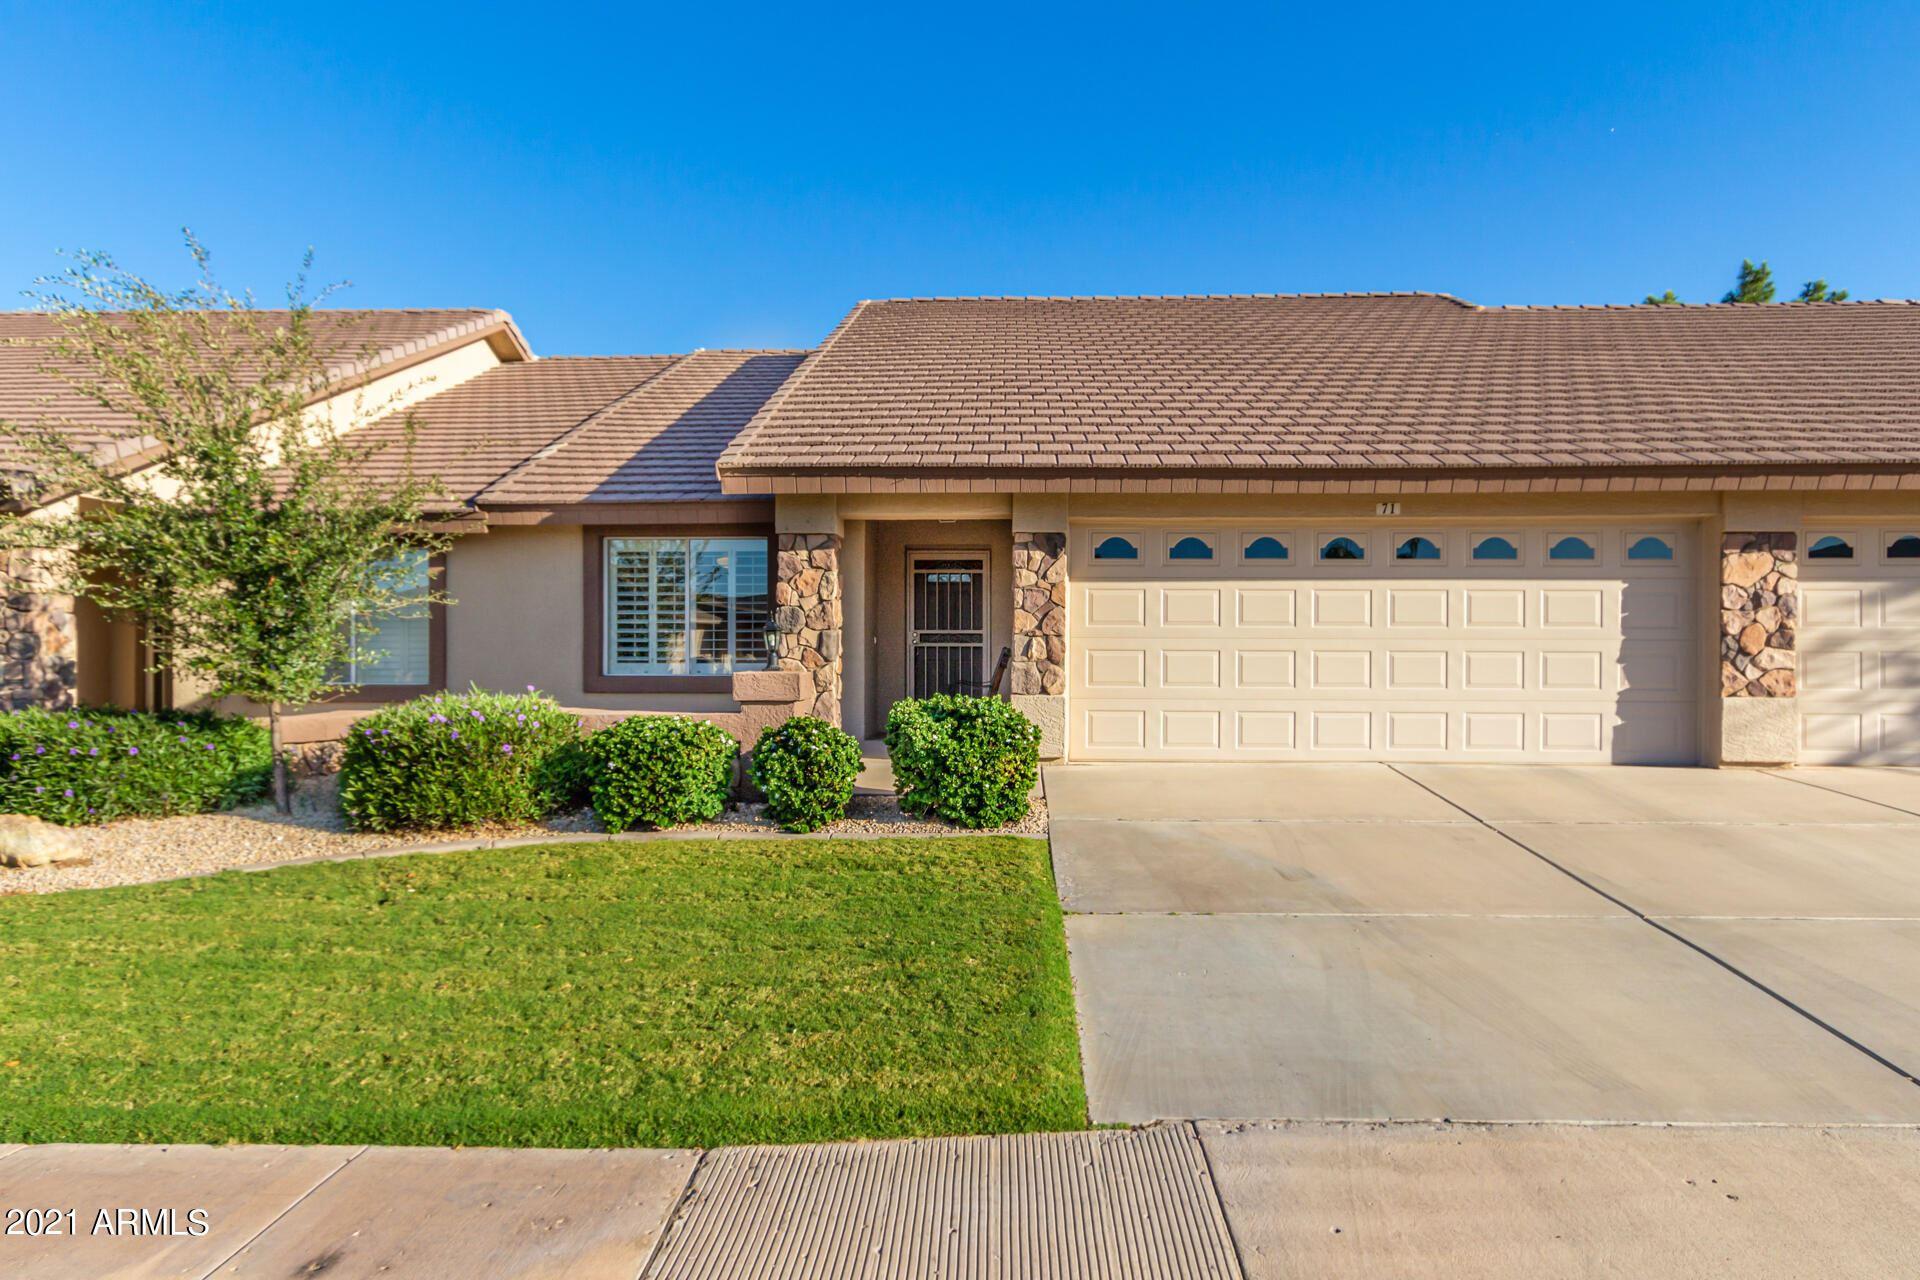 Photo of 11360 E KEATS Avenue #71, Mesa, AZ 85209 (MLS # 6307838)